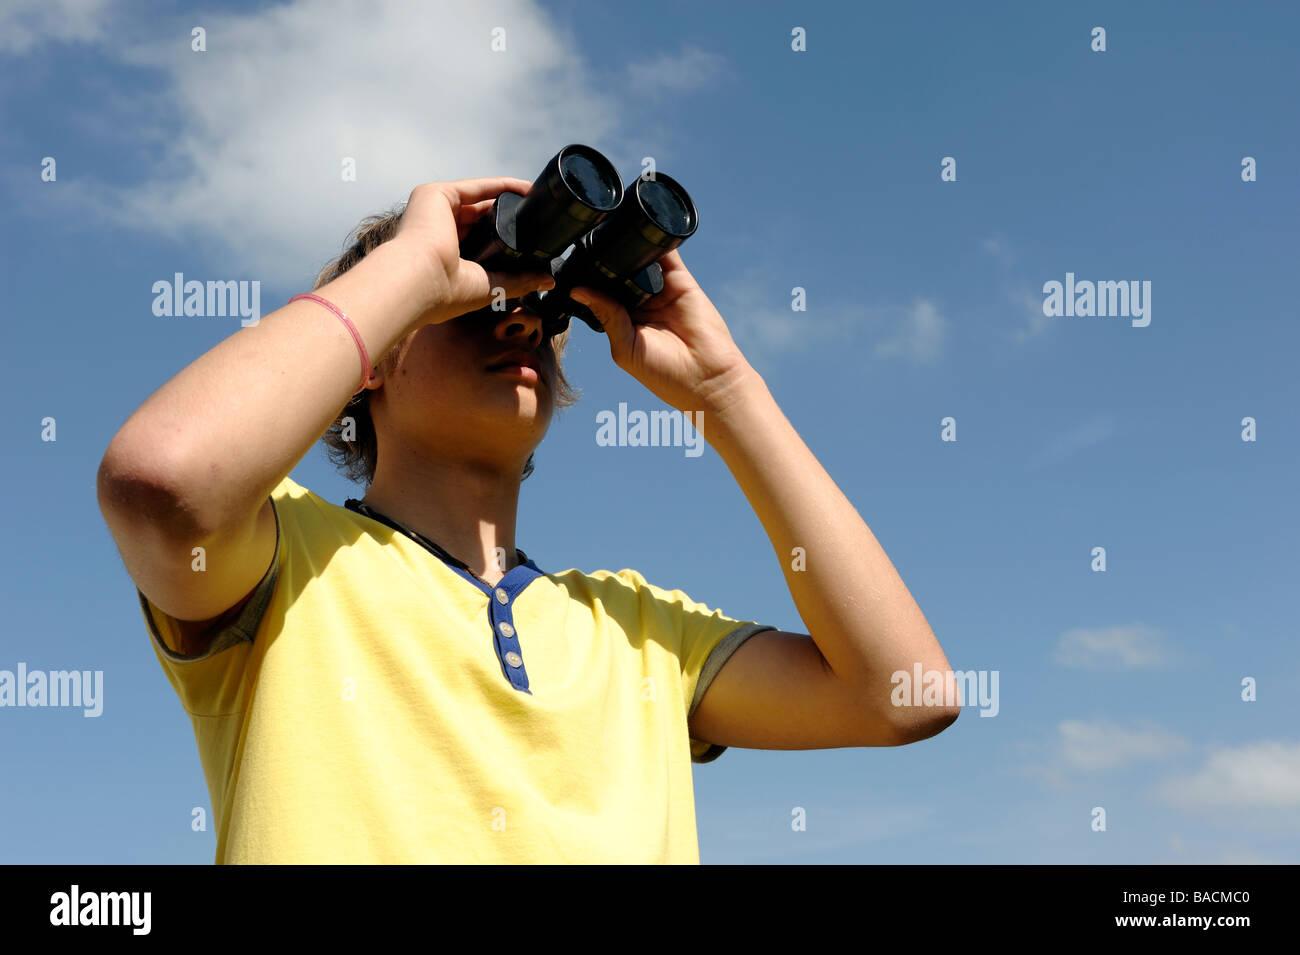 Chico mirando a través de binoculares Imagen De Stock